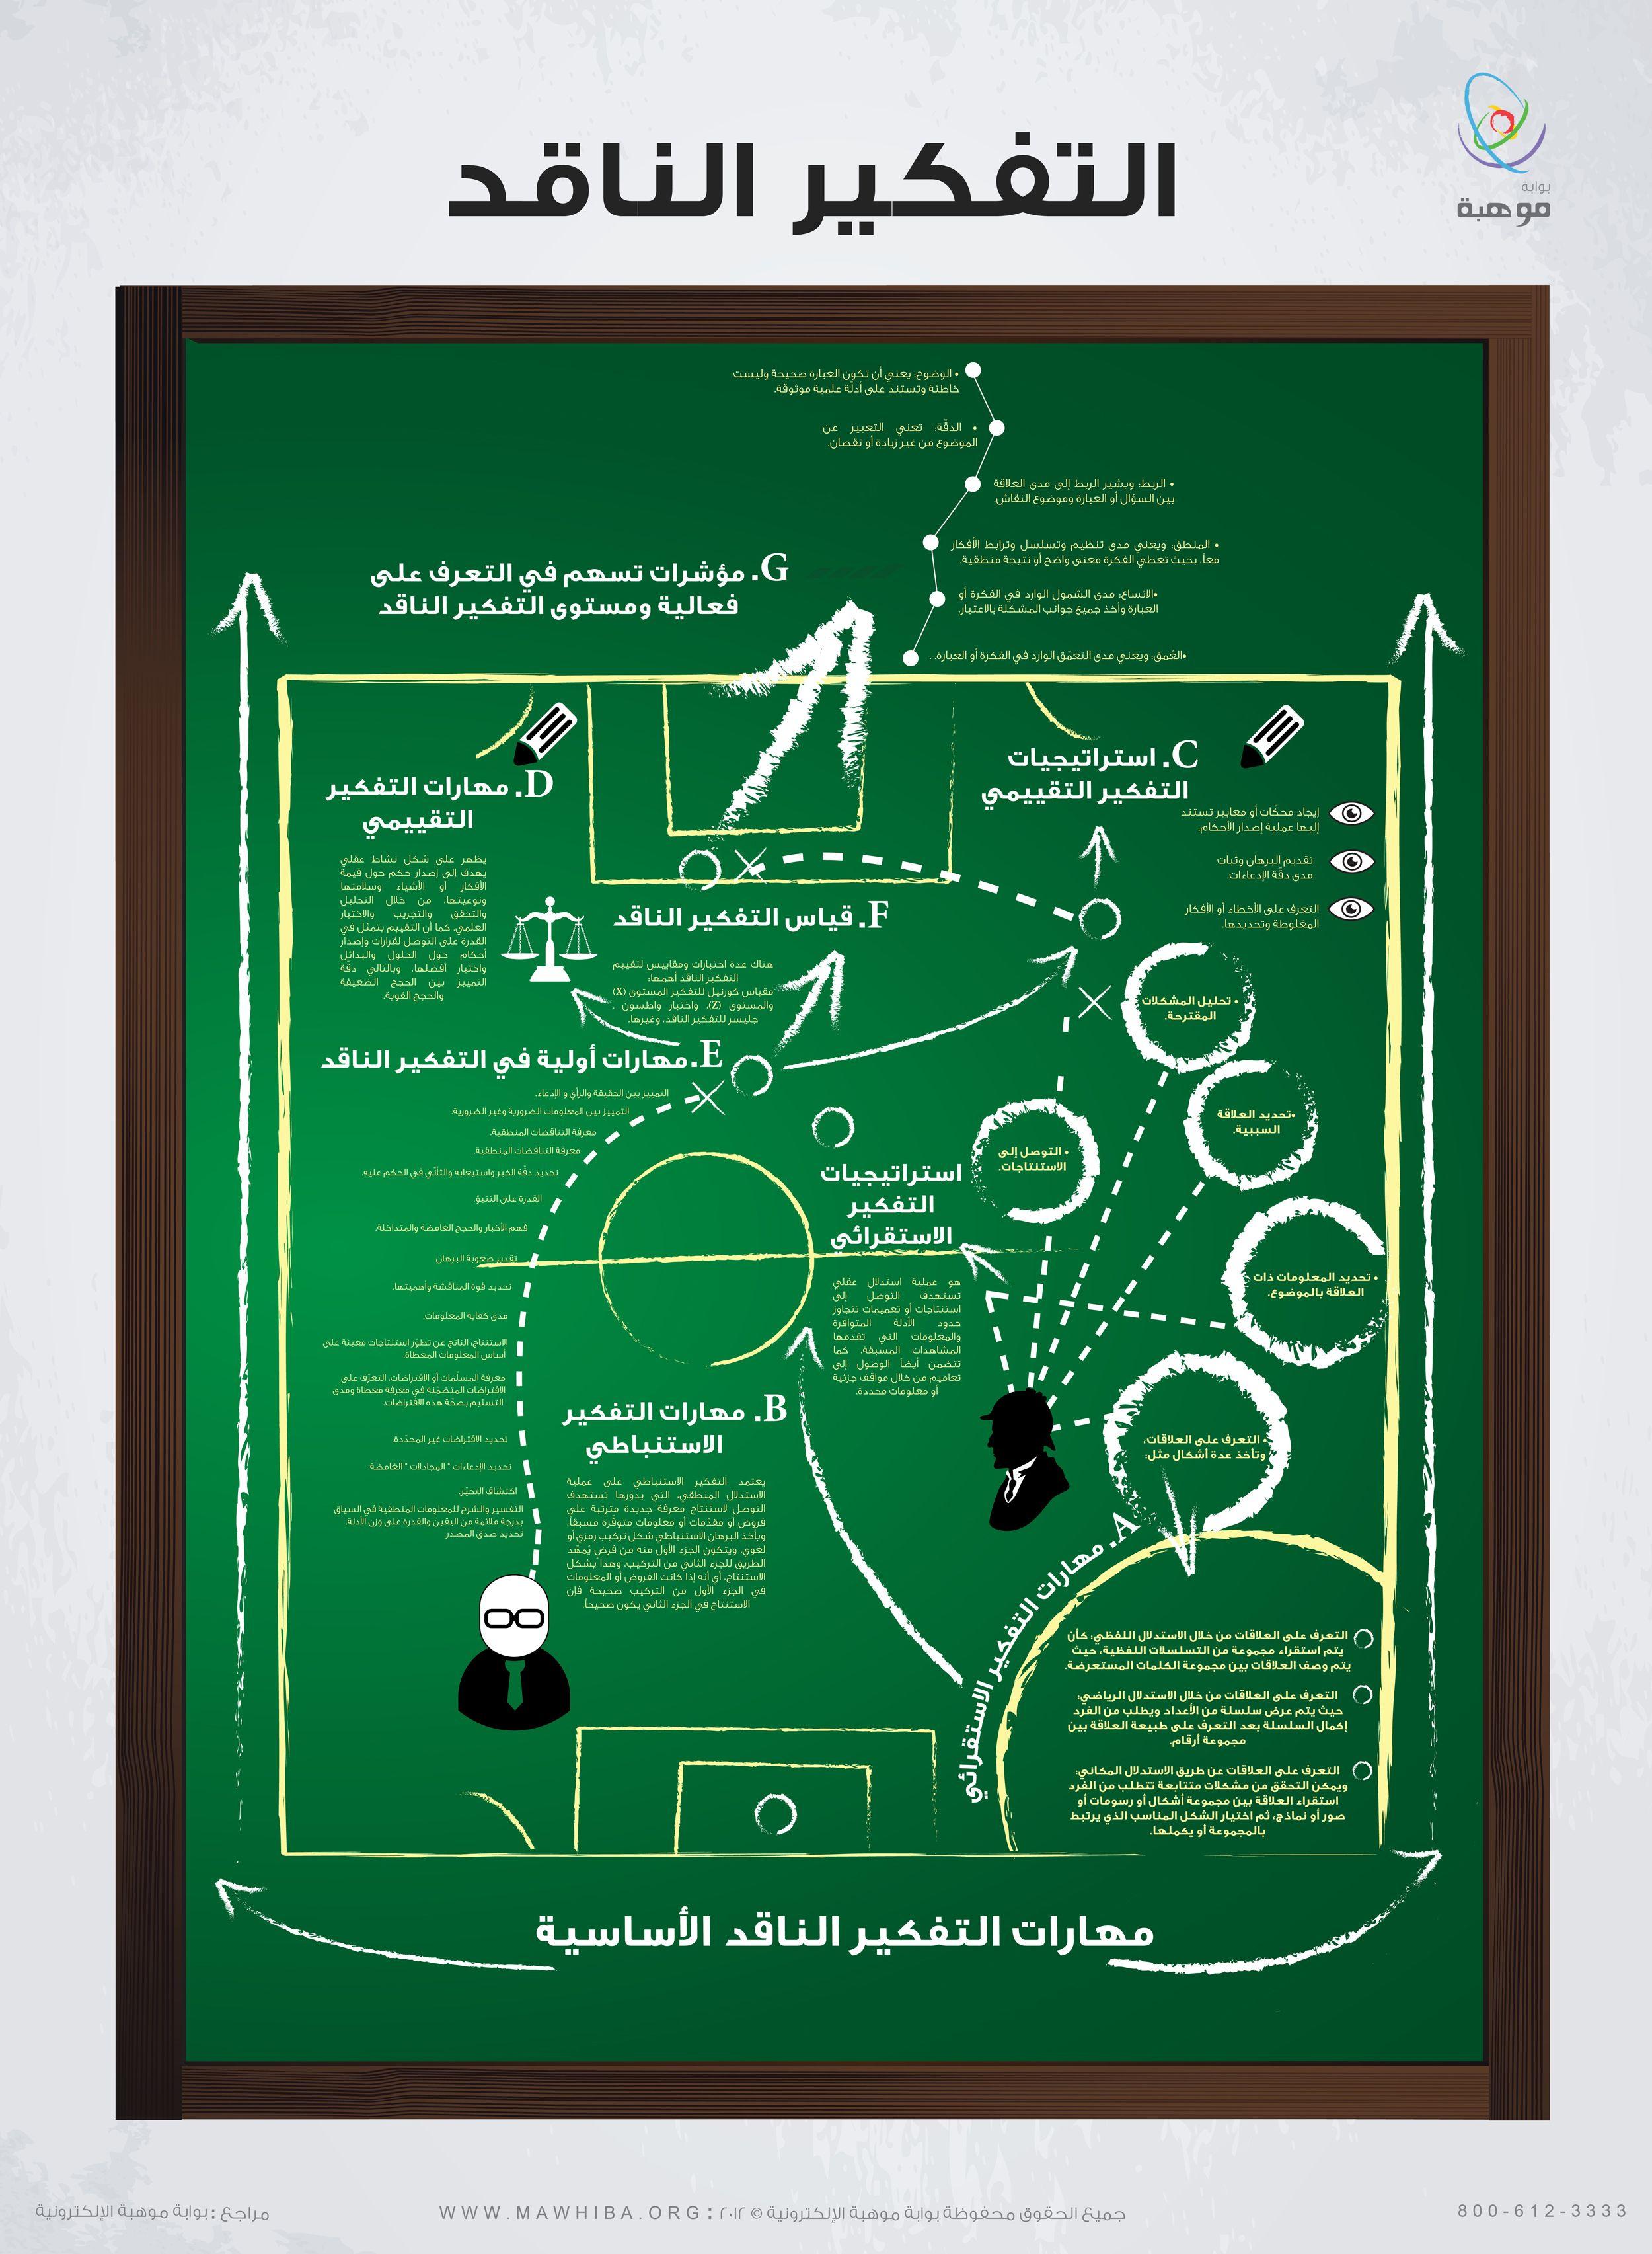 توضيح متكامل للتفكير الناقد أدواته وقياسه وتطبيقه Http Www Mawhiba Org Infograph Pages Details Aspx Infoid 53 Critical Thinking Infographic Picture Photo